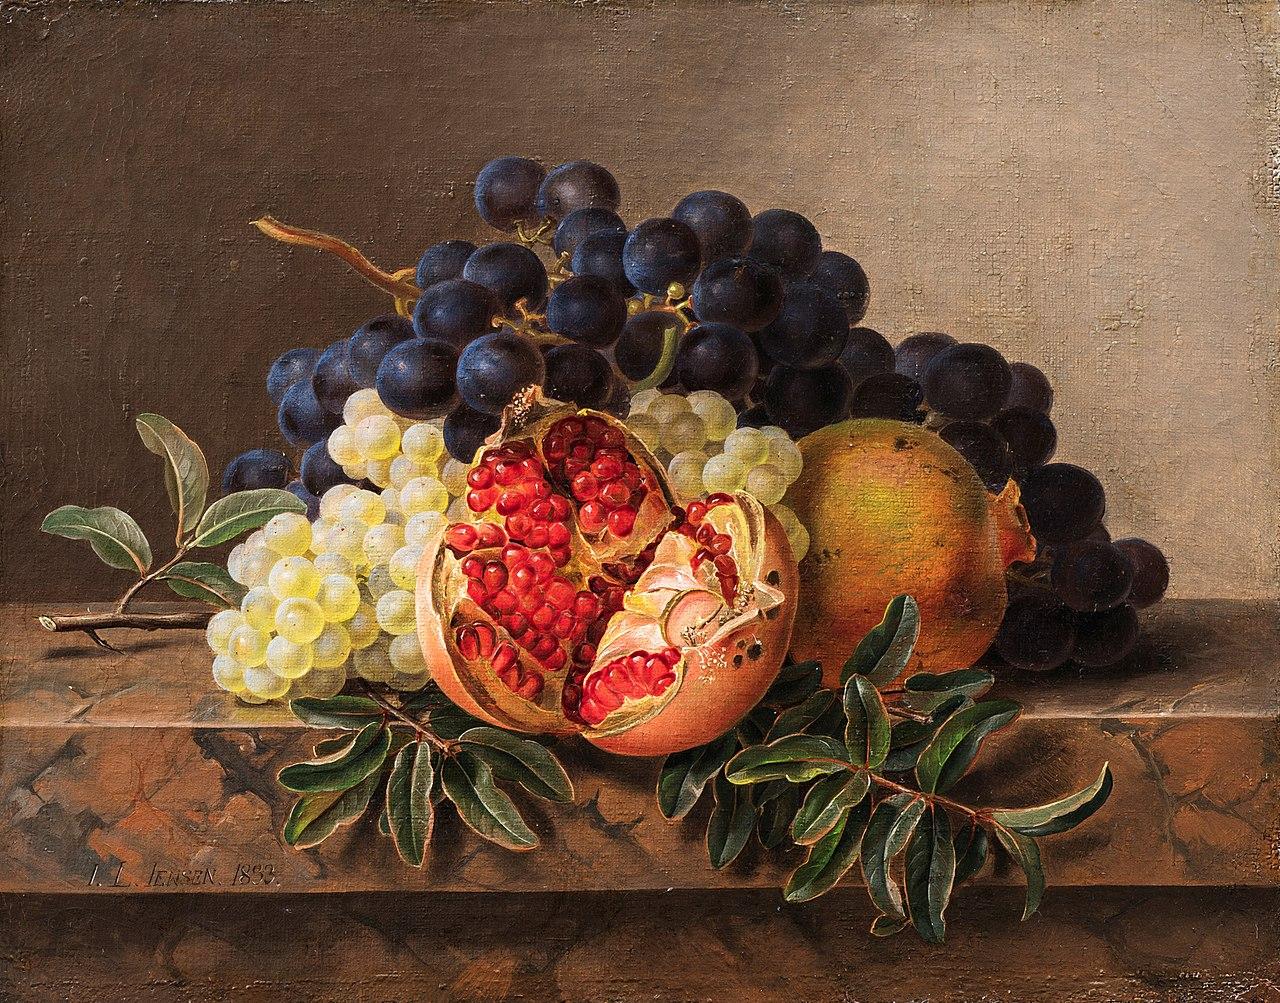 J.L. Jensen, Granatæble, grønne og blå druer på stenkarm, 1833, 0219NMK, Nivaagaards Malerisamling.jpg